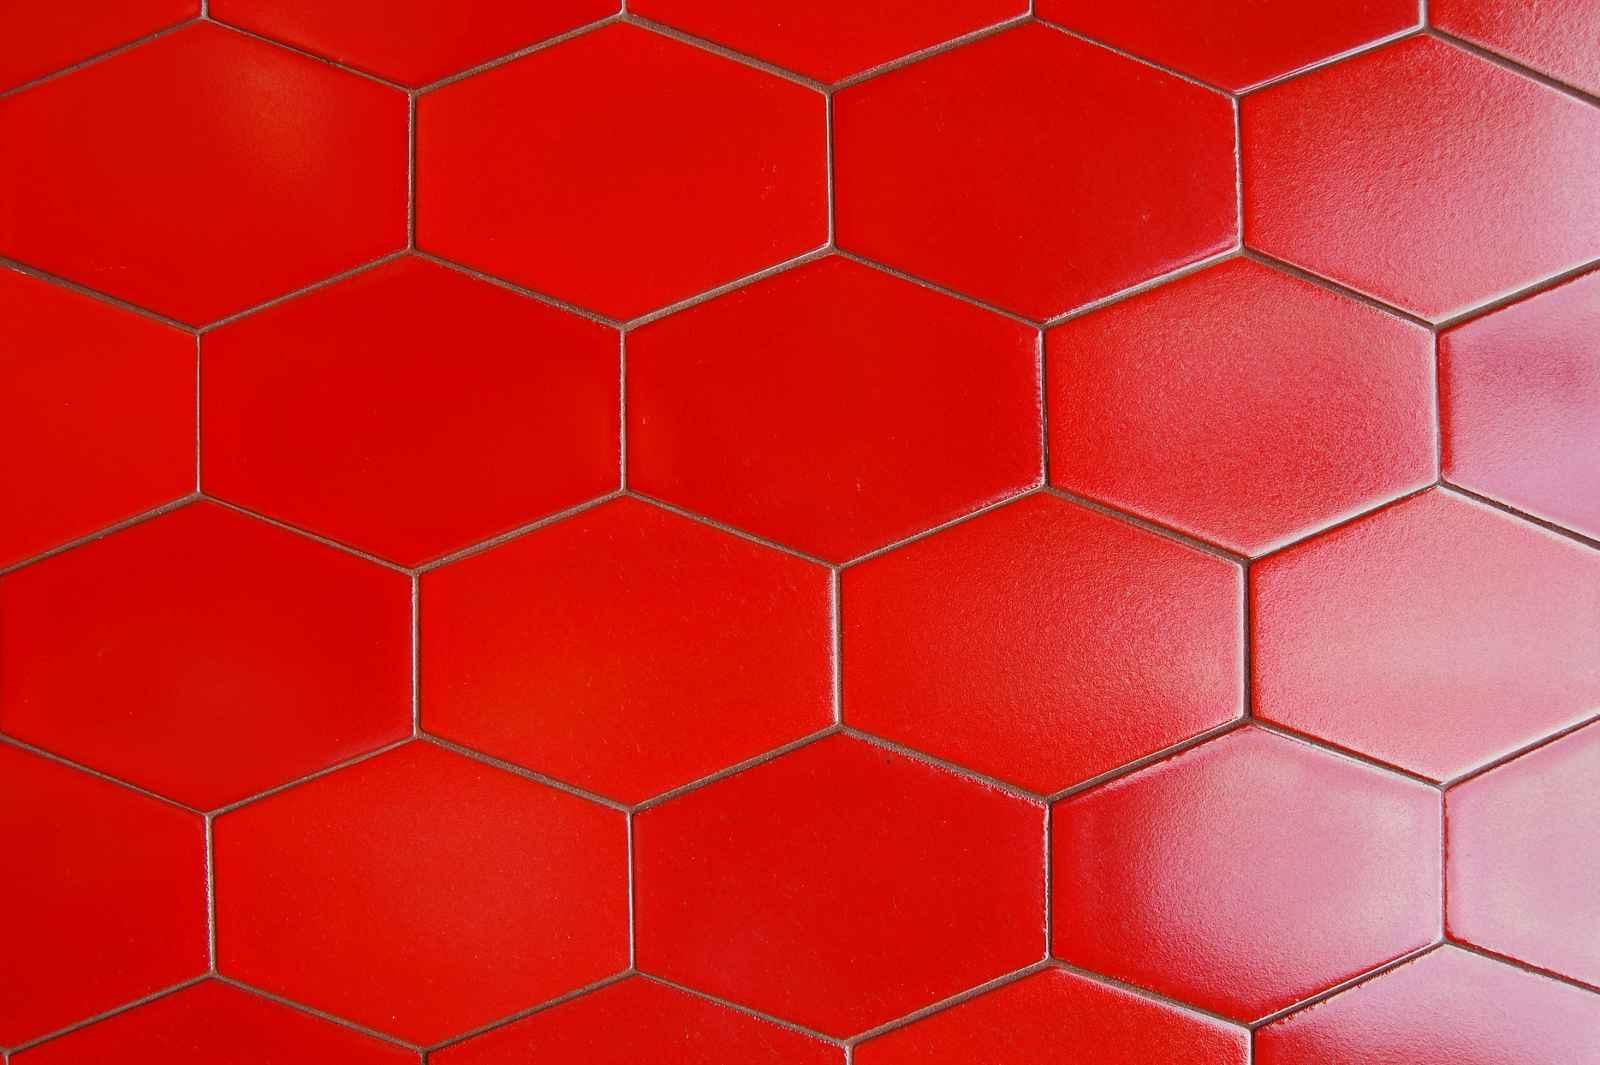 red ceramic floor tiles for home